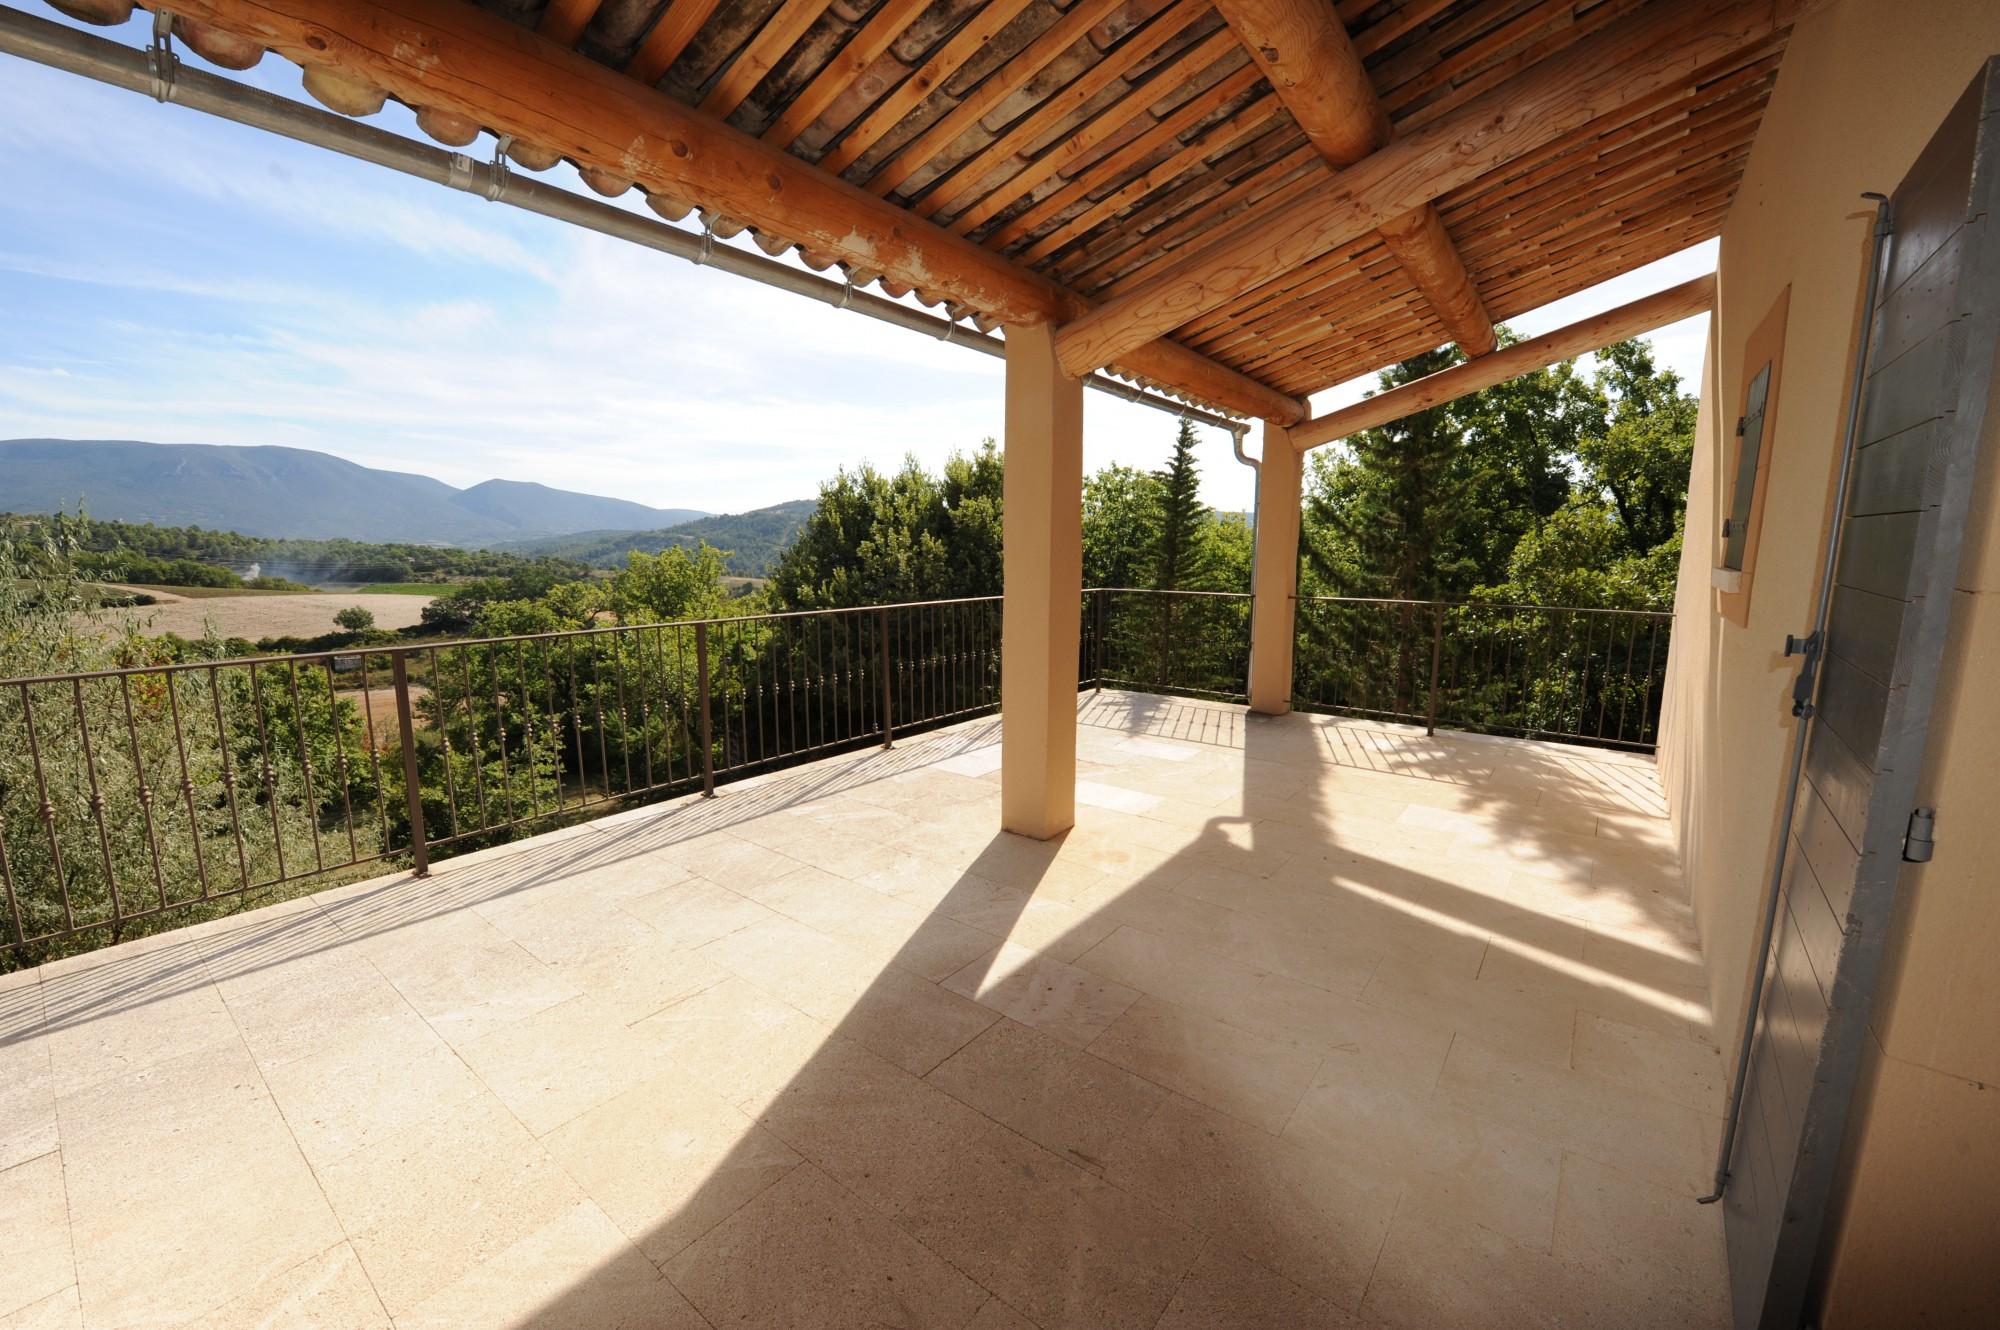 Maison traditionnelle de plain pied avec vue à vendre en Provence